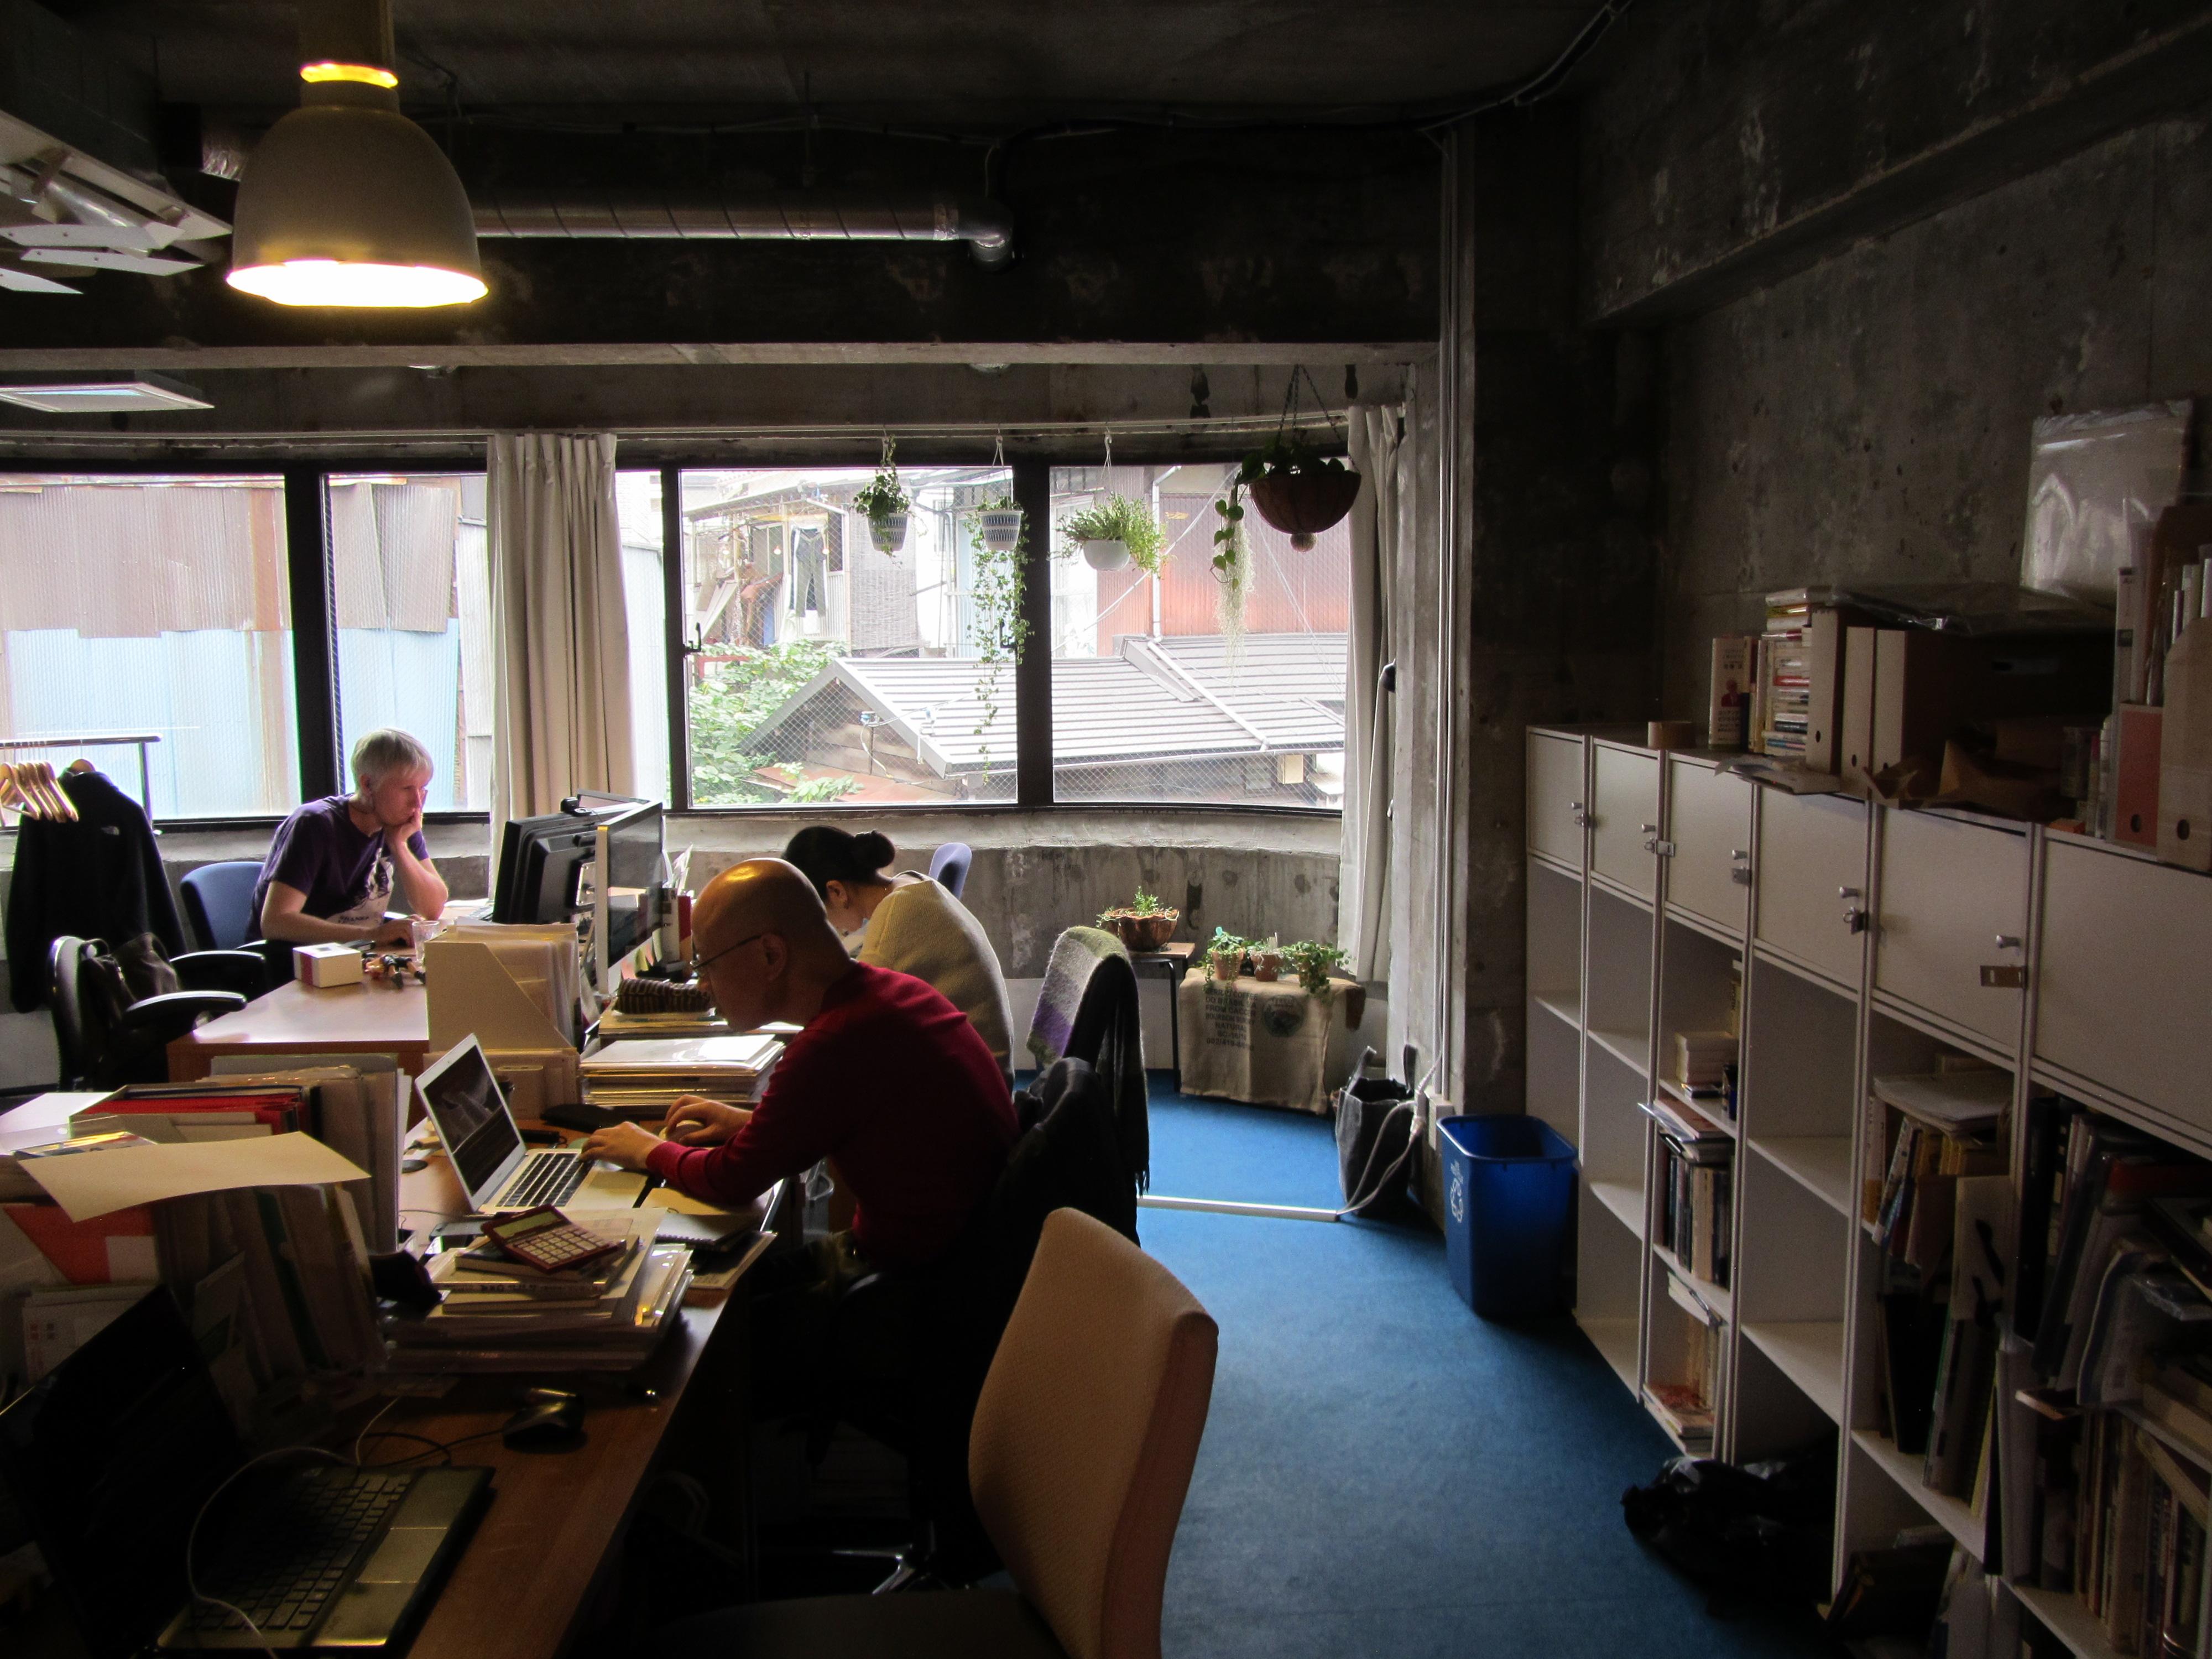 「「日常のクリエイティブ」をコンセプトに、「co-ba shimokita the Association」がオープン」のサムネイル